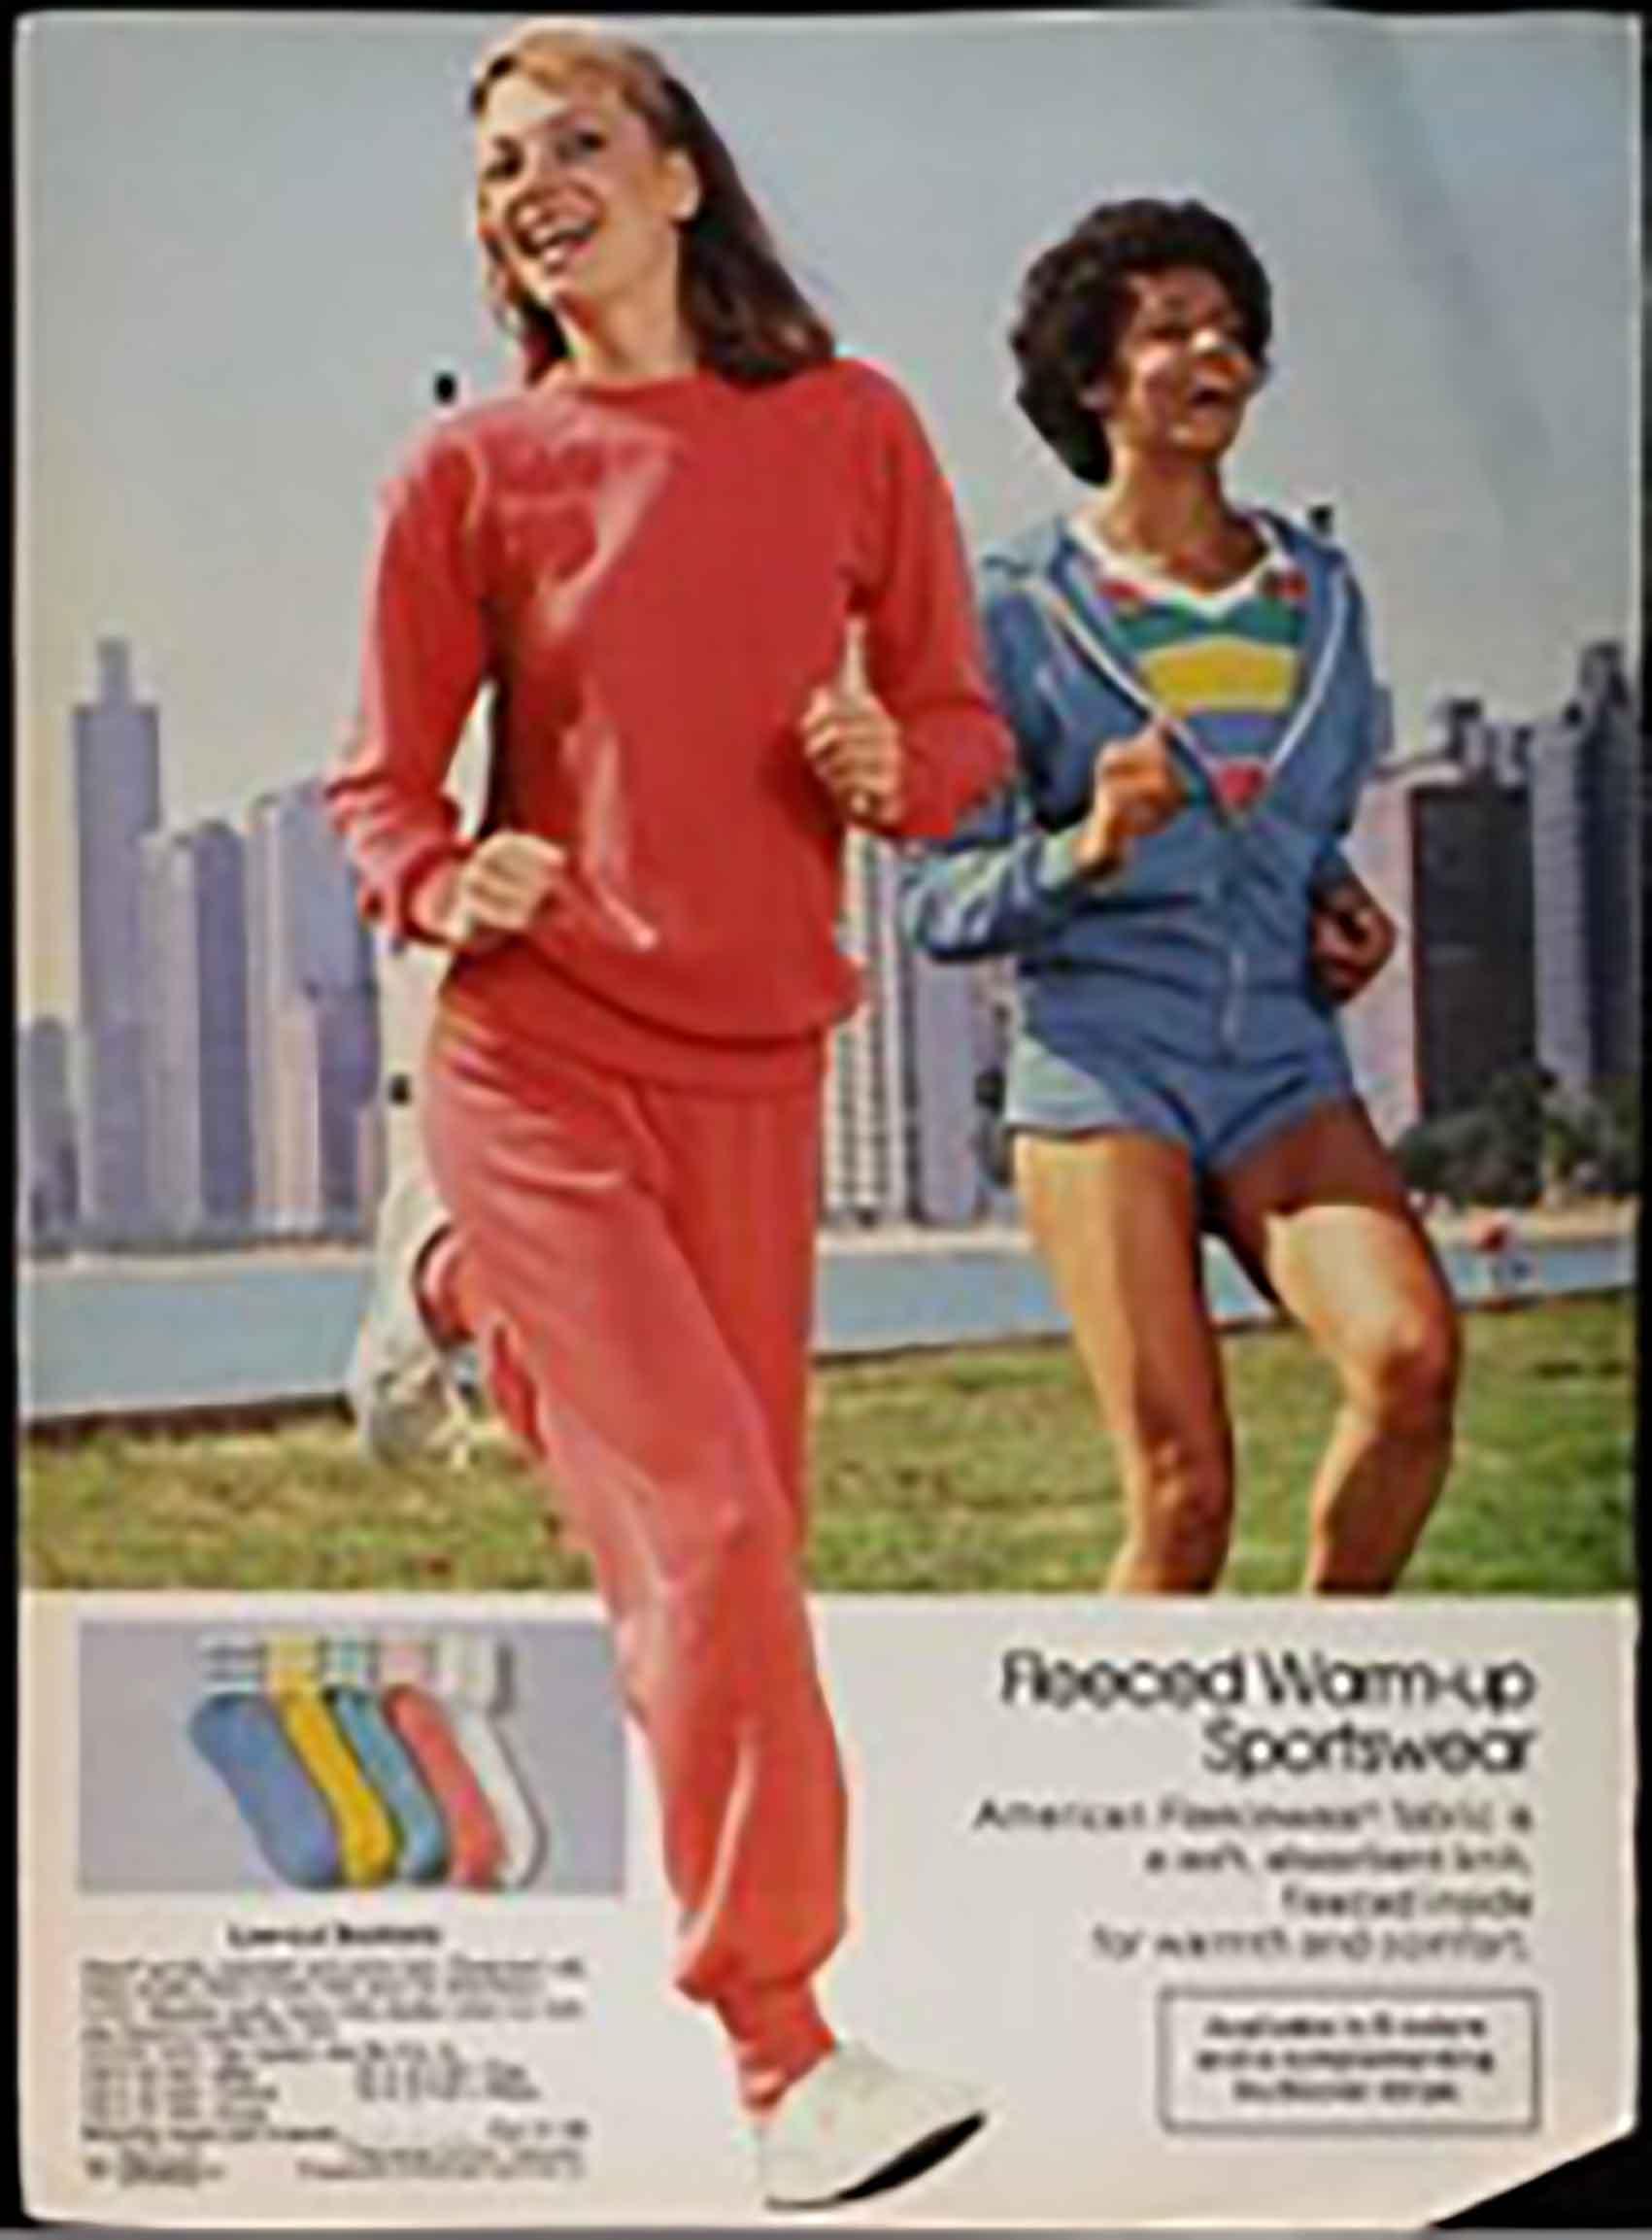 בגדי ספורט מנושלים, קטלוג סירס רובאק, 1982-אופנה